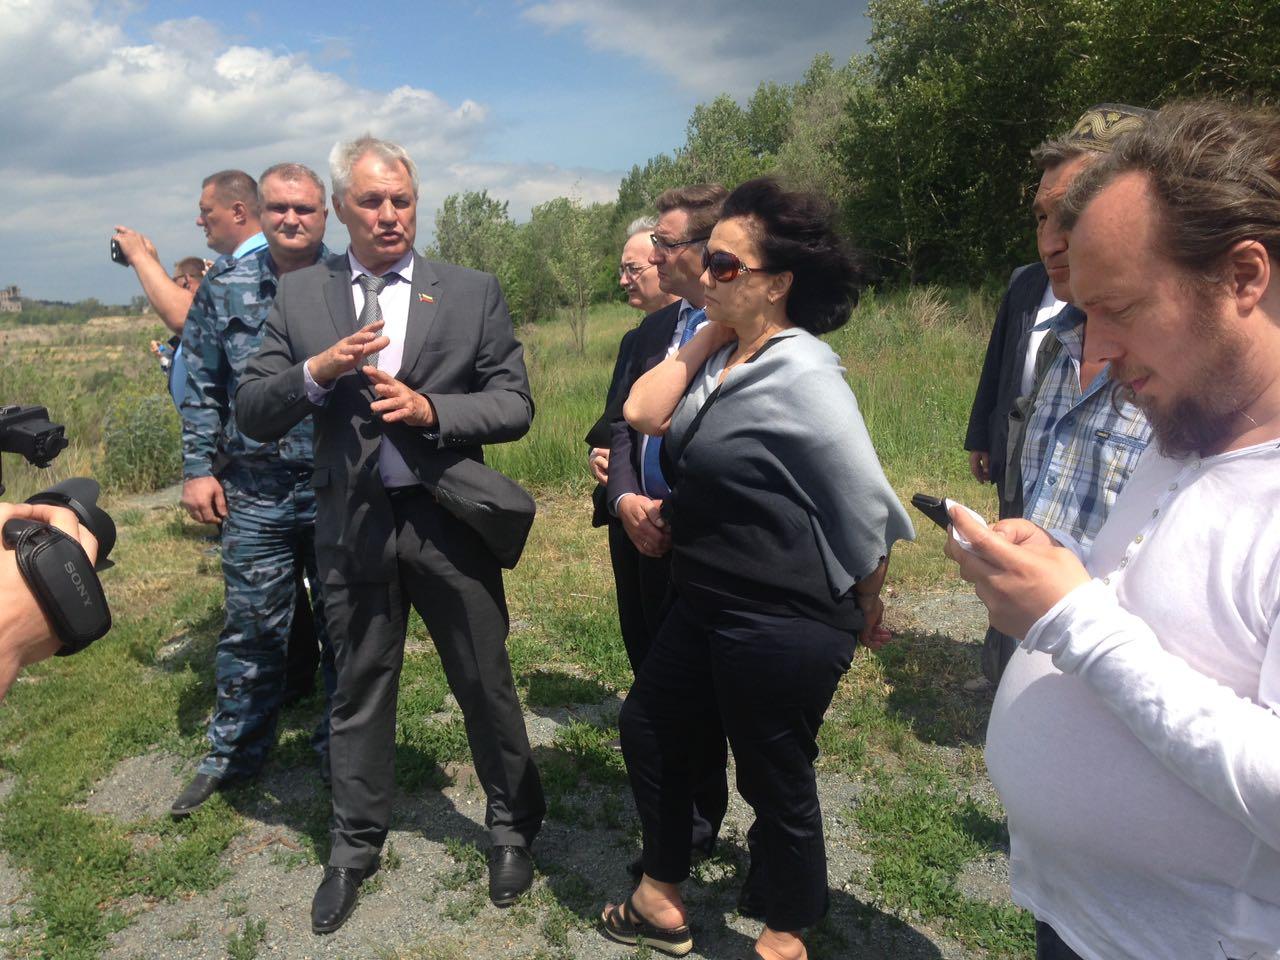 Правозащитники встретились с жителями «путинской Розы» (часть поселка была расселена после приезд